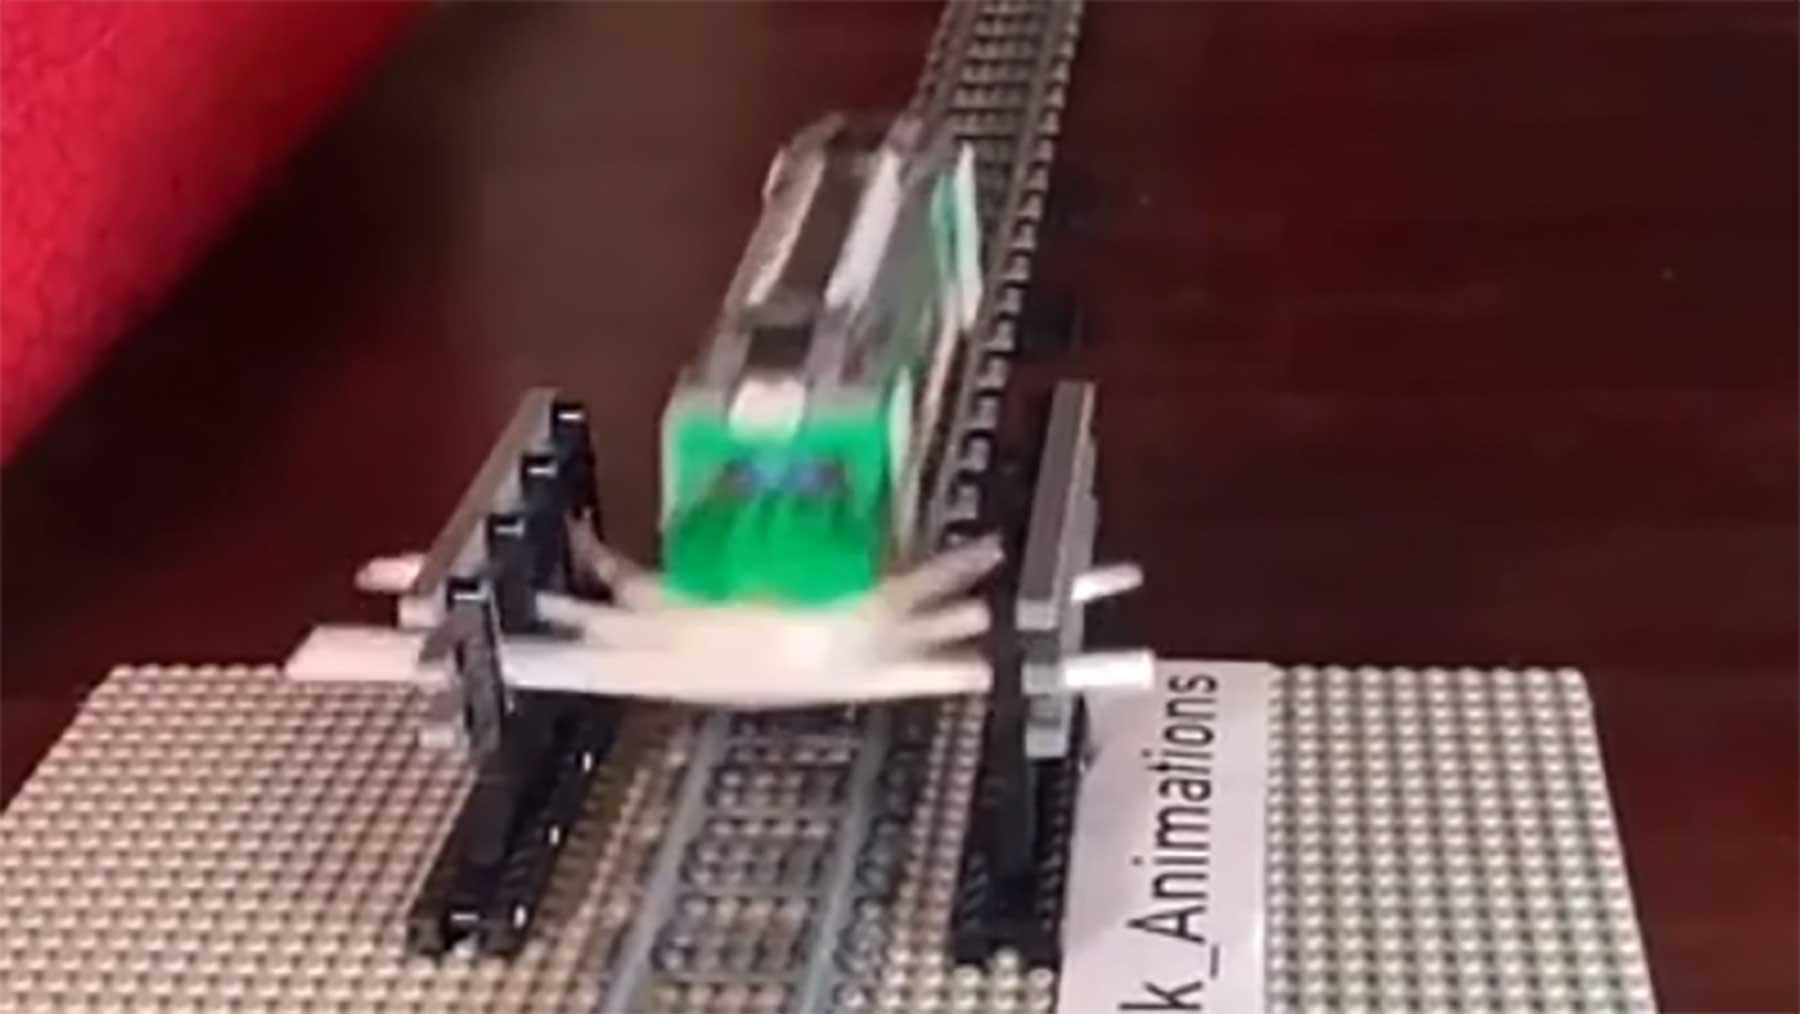 Wie viele Strohhalme braucht es, um einen LEGO-Zug anzuhalten?